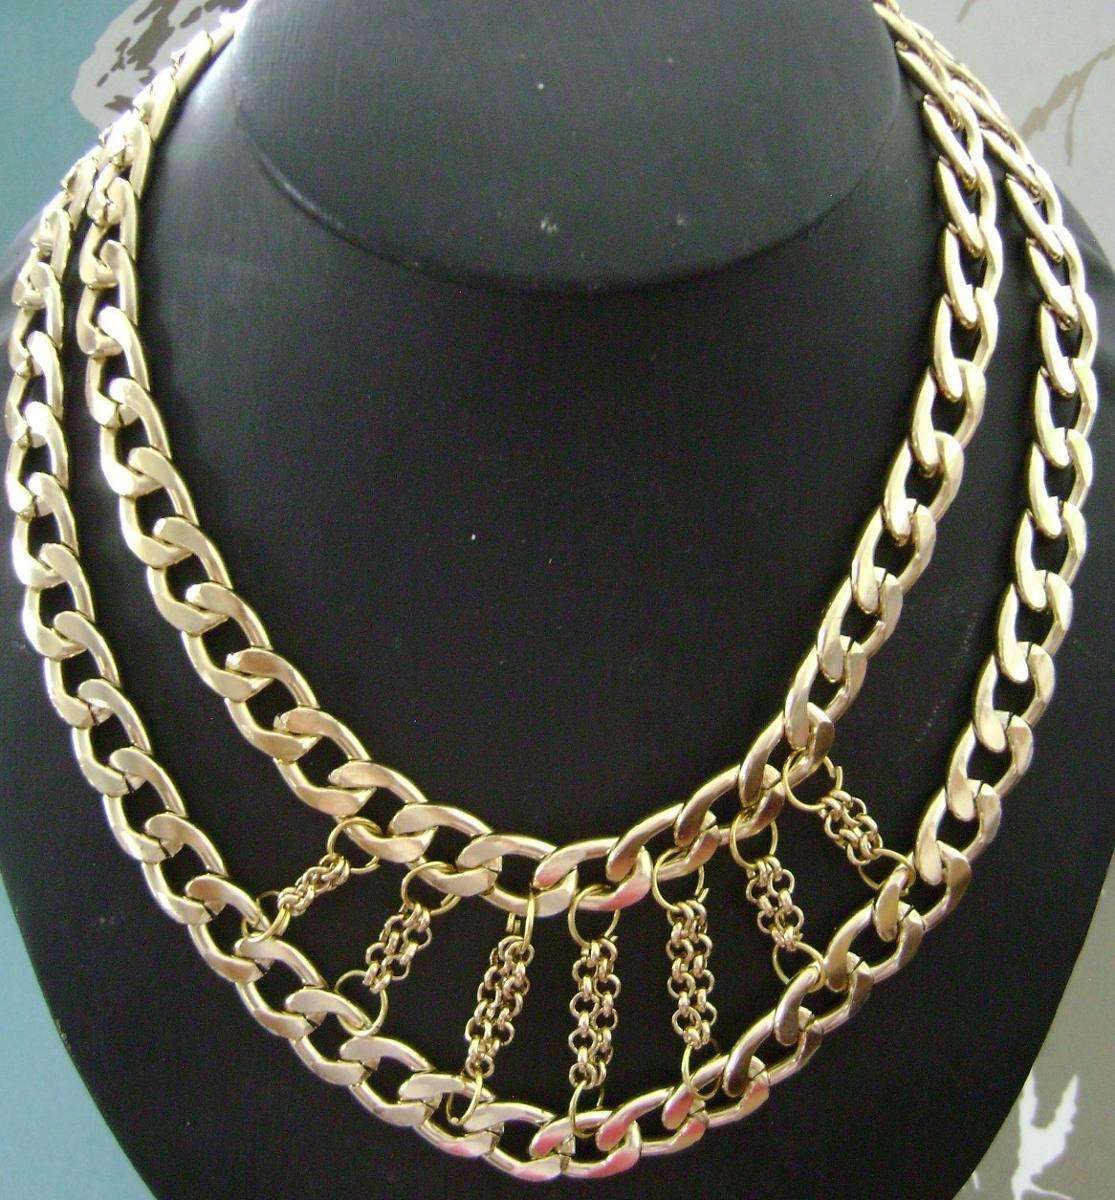 7d8b11b7a6de Collares De Cadena De Aluminio -   100.00 en Mercado Libre